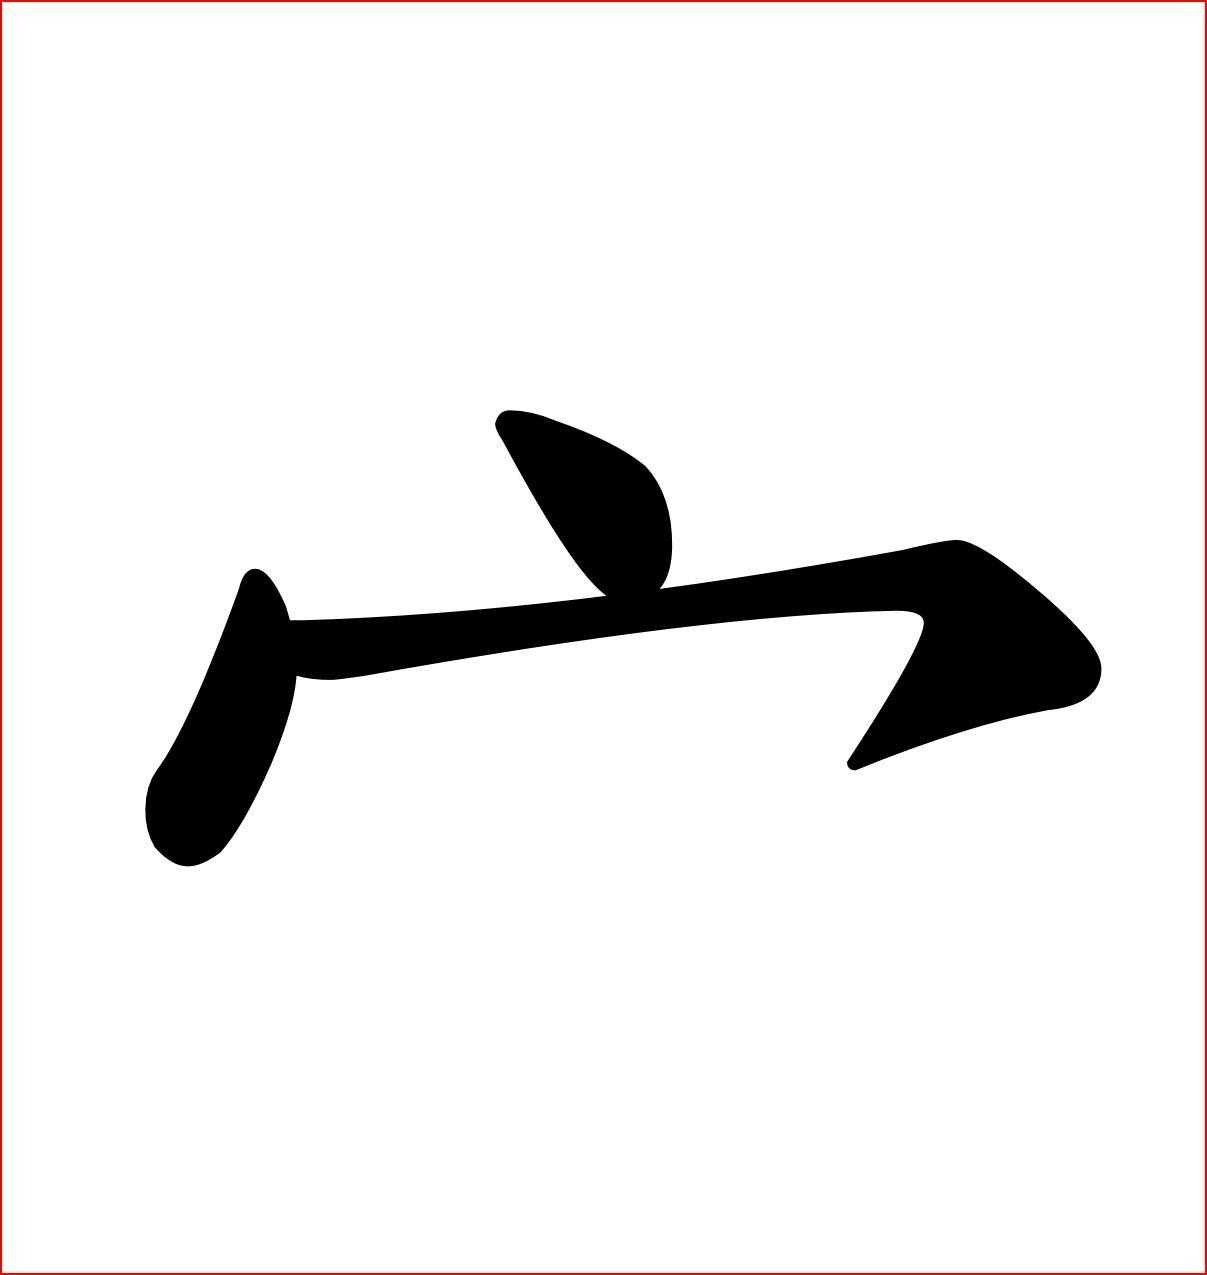 蛇宝宝起名一定要用宝盖头的字吗?蛇宝宝的取名需要注意什么?